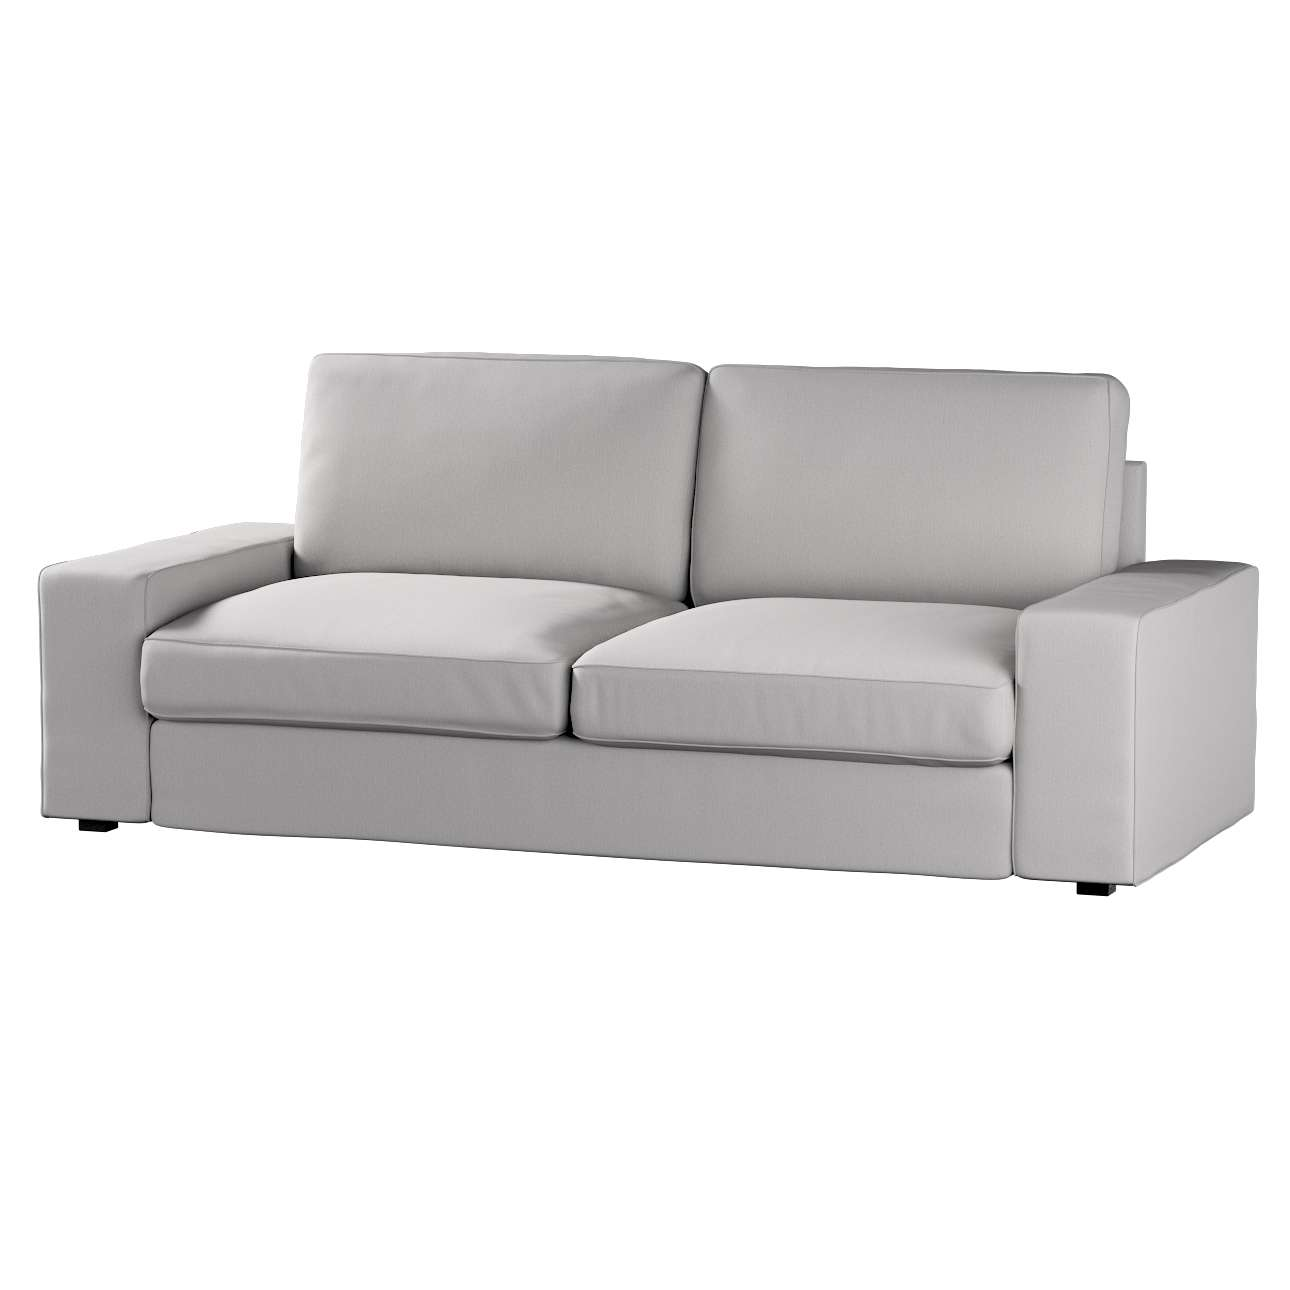 Pokrowiec na sofę Kivik 3-osobową, rozkładaną w kolekcji Chenille, tkanina: 702-23